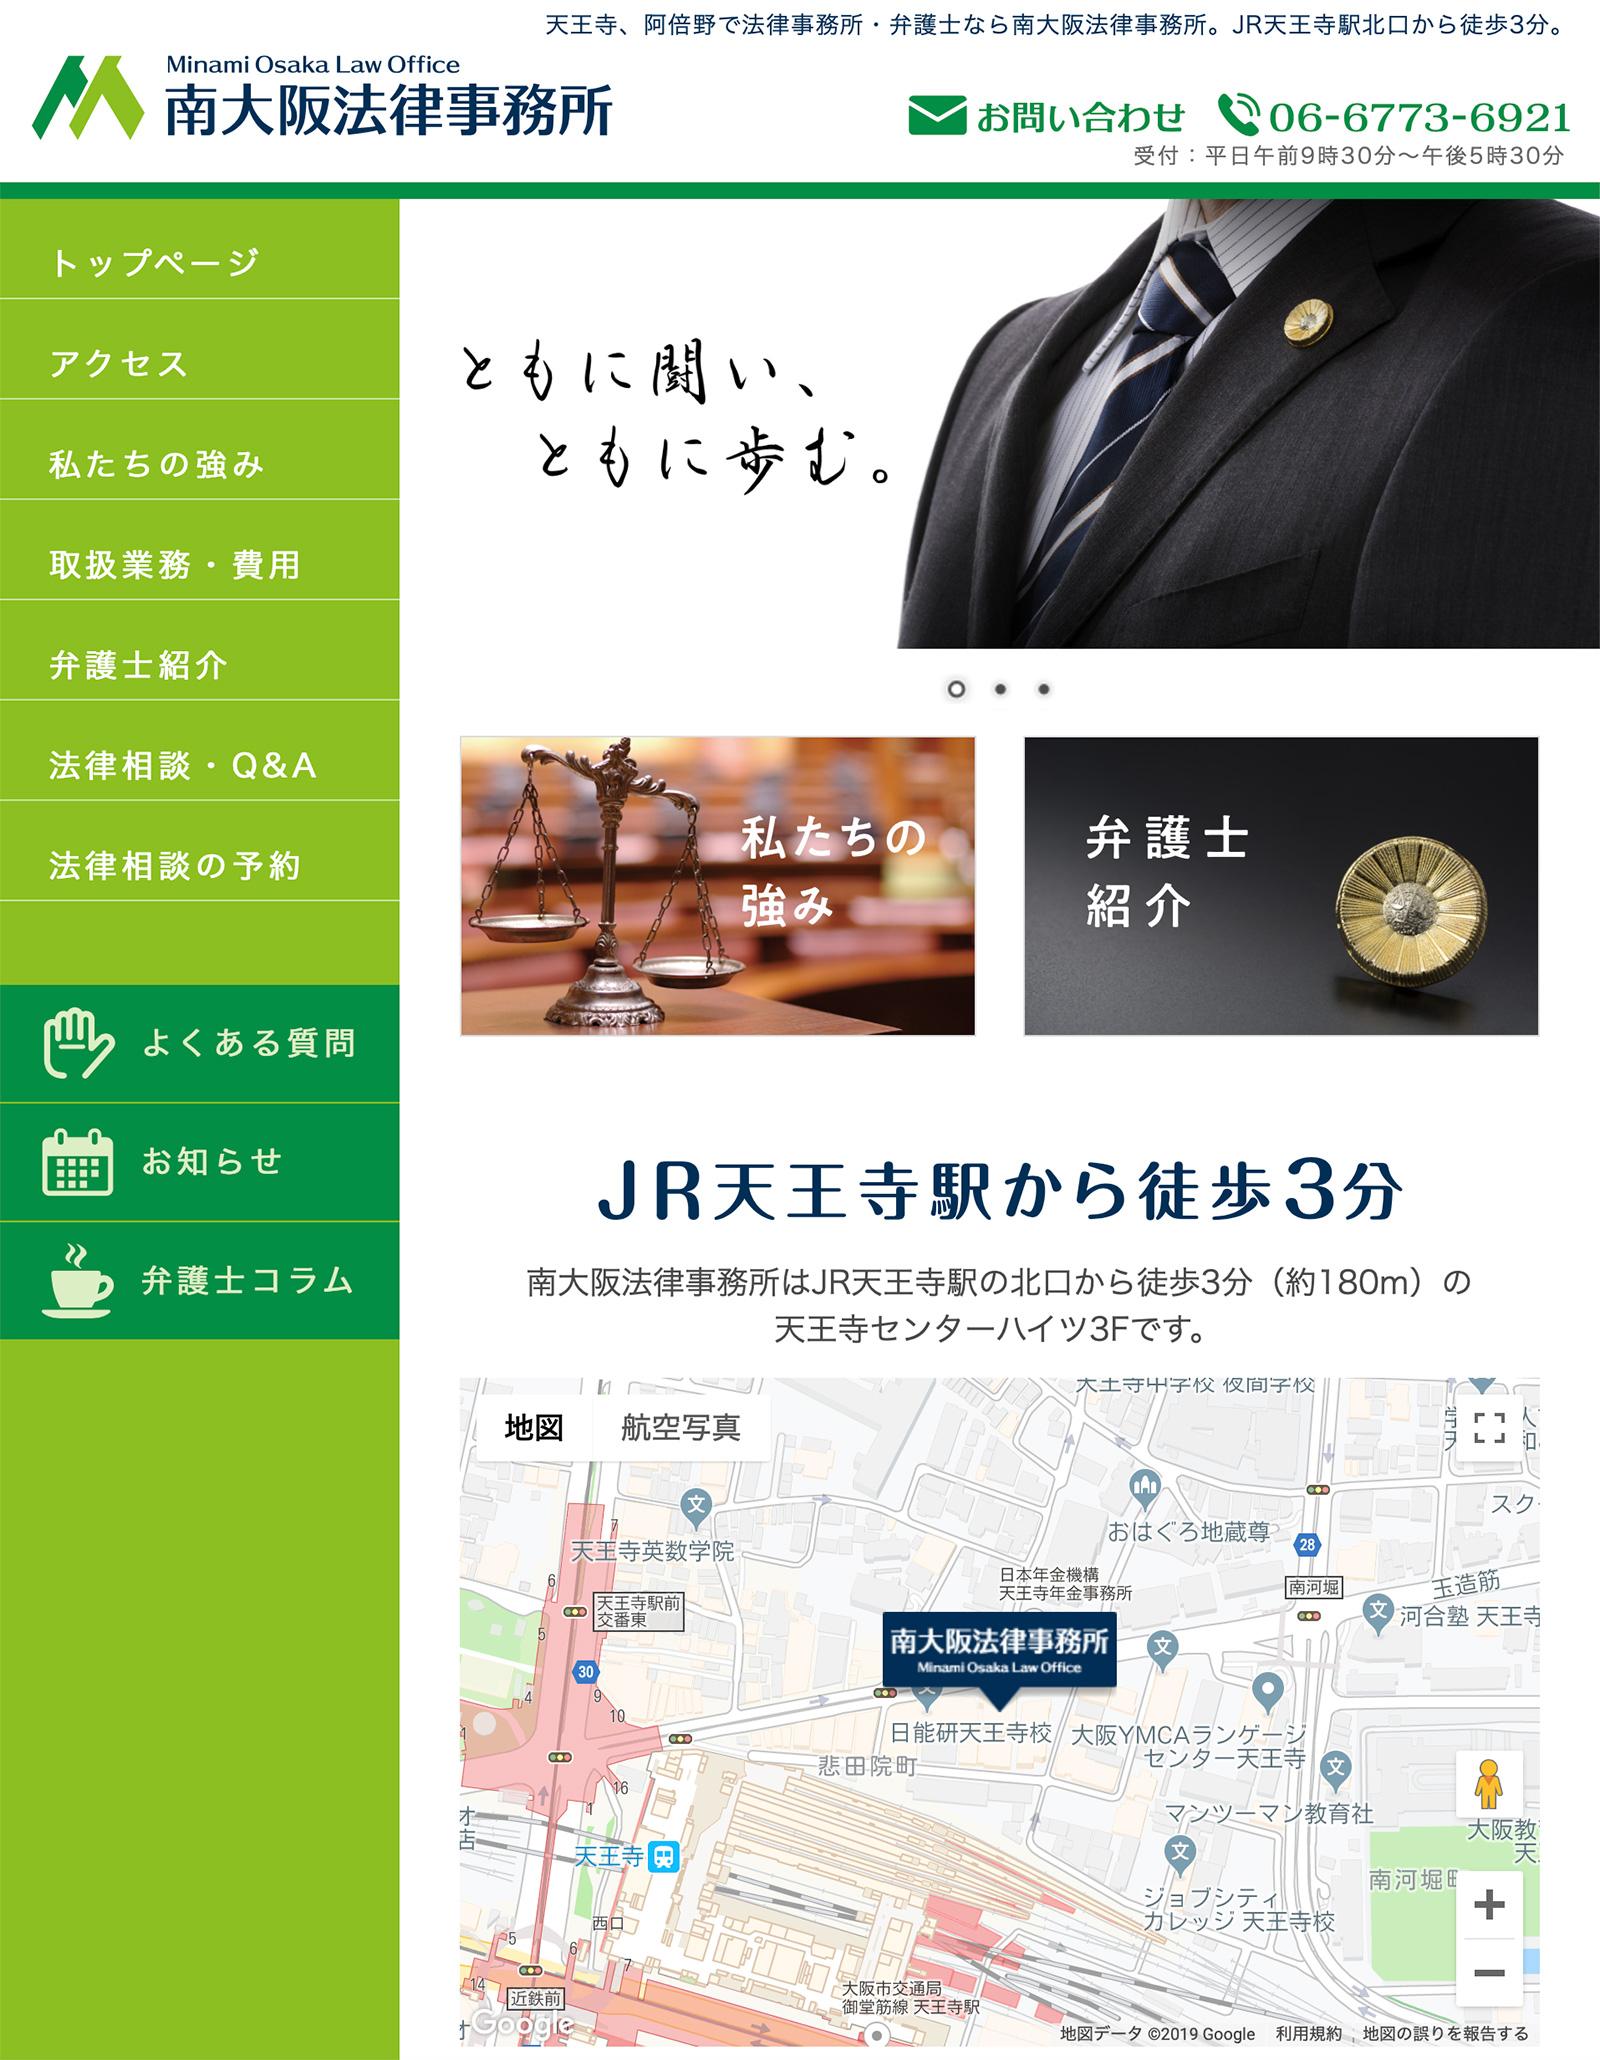 南大阪法律事務所ホームページ